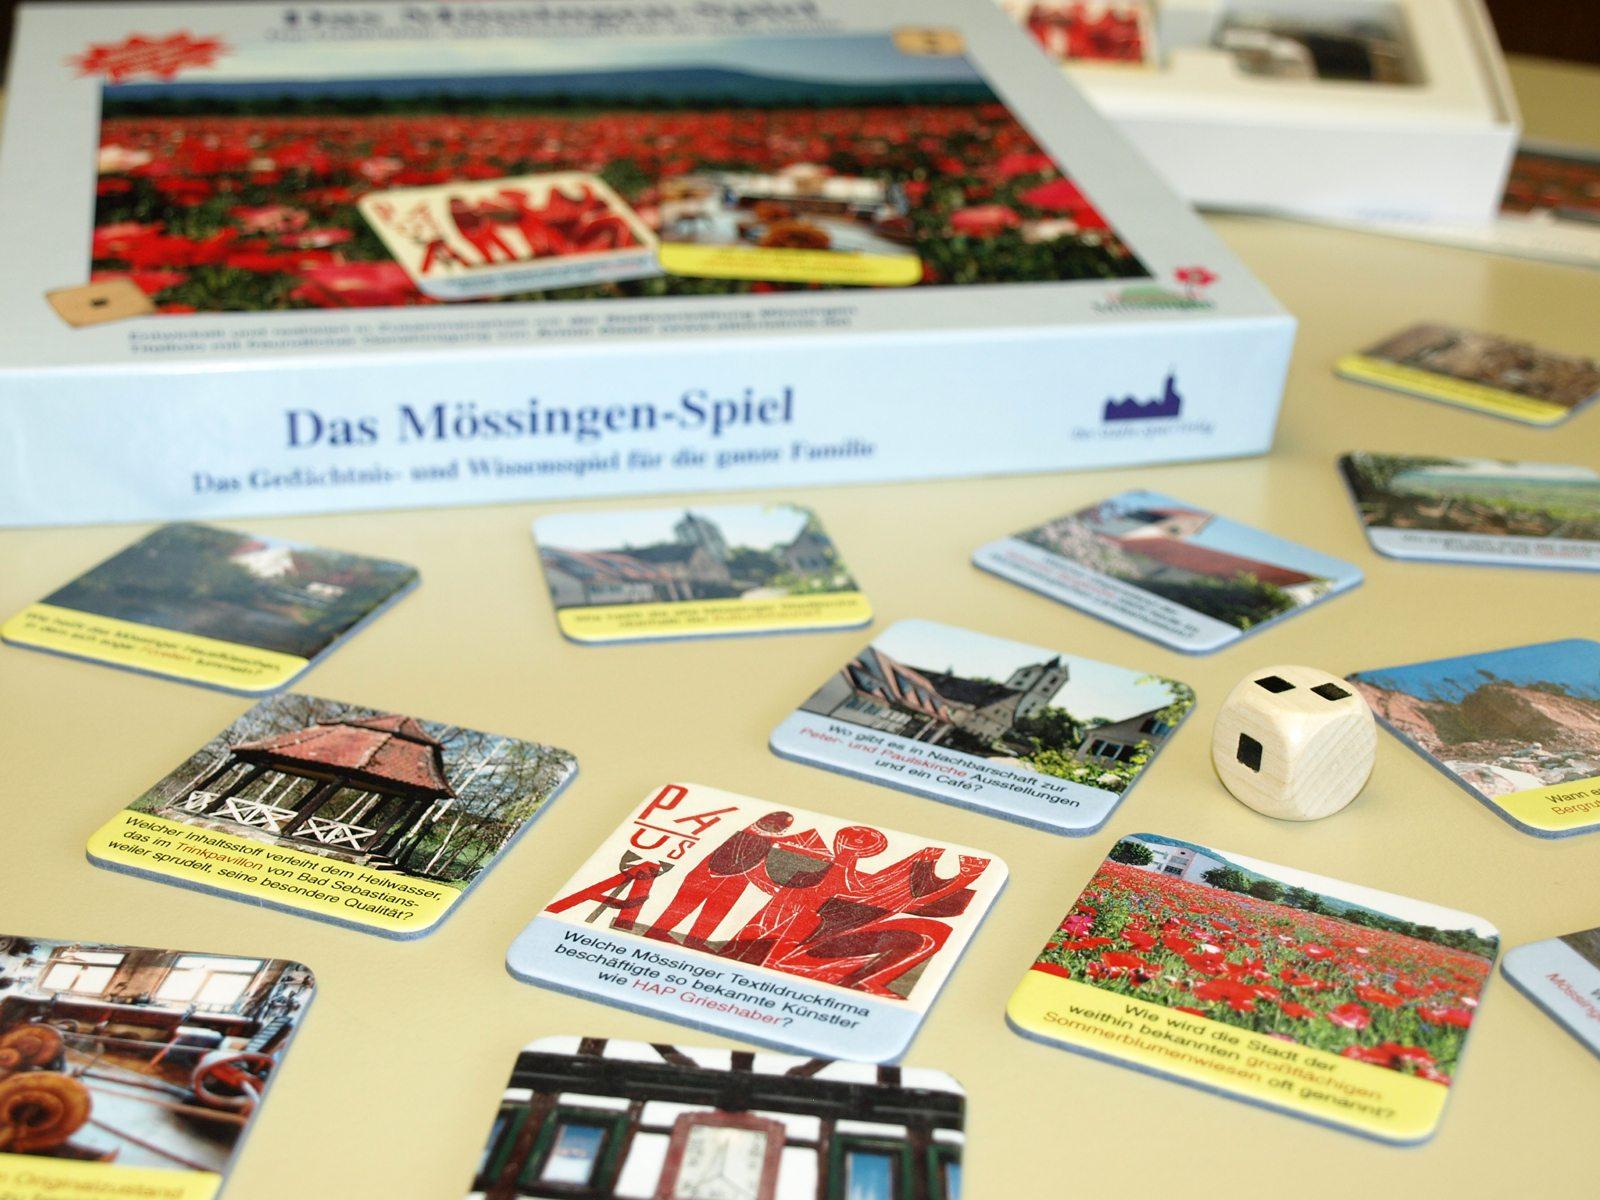 Das Mössingen-Spiel